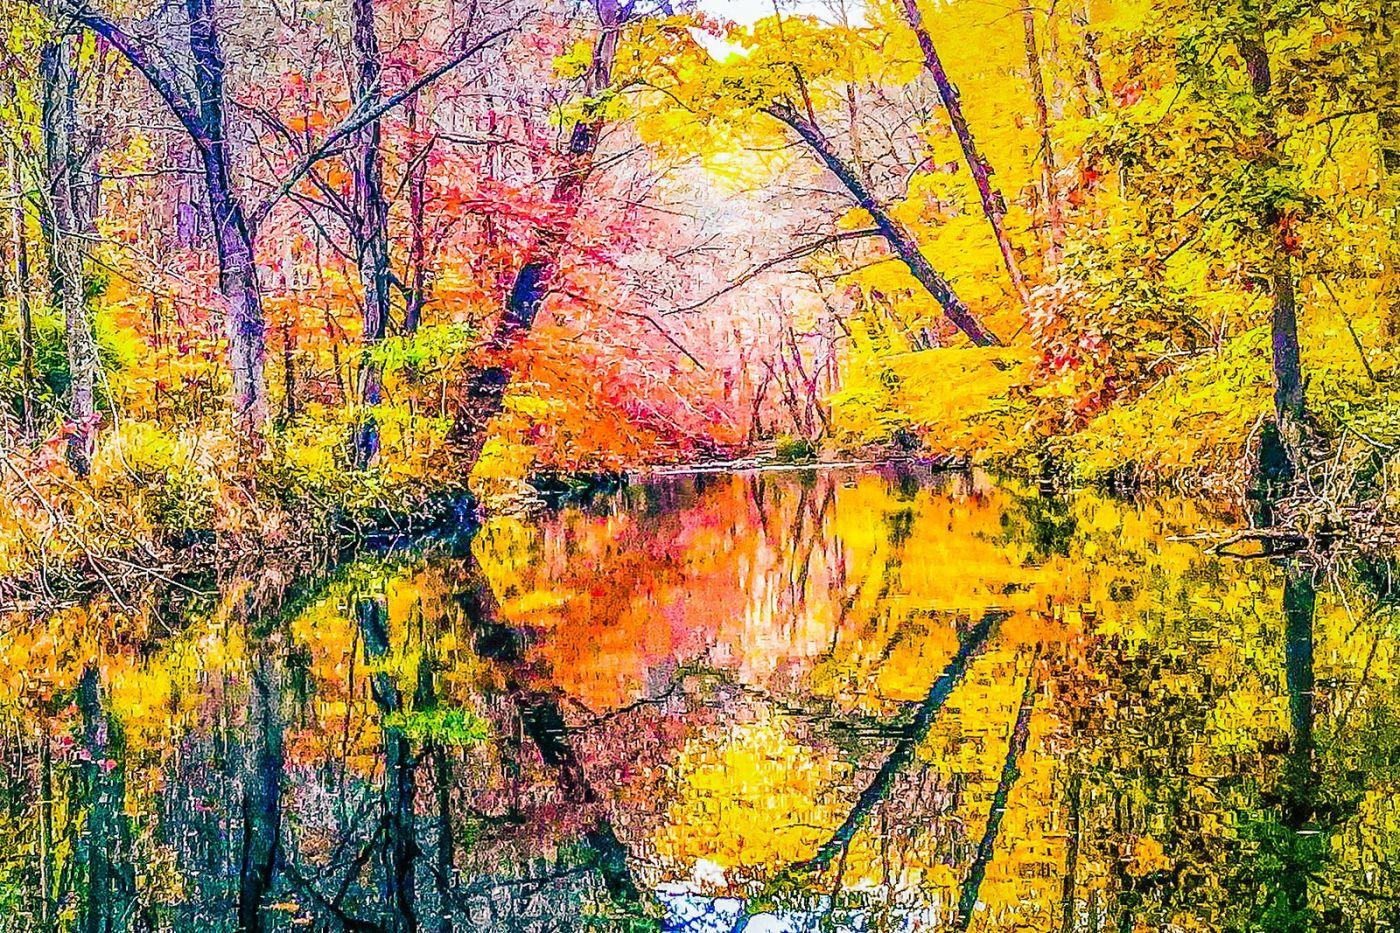 宾州雷德利克里克公园(Ridley creek park),大自然的舞台_图1-20